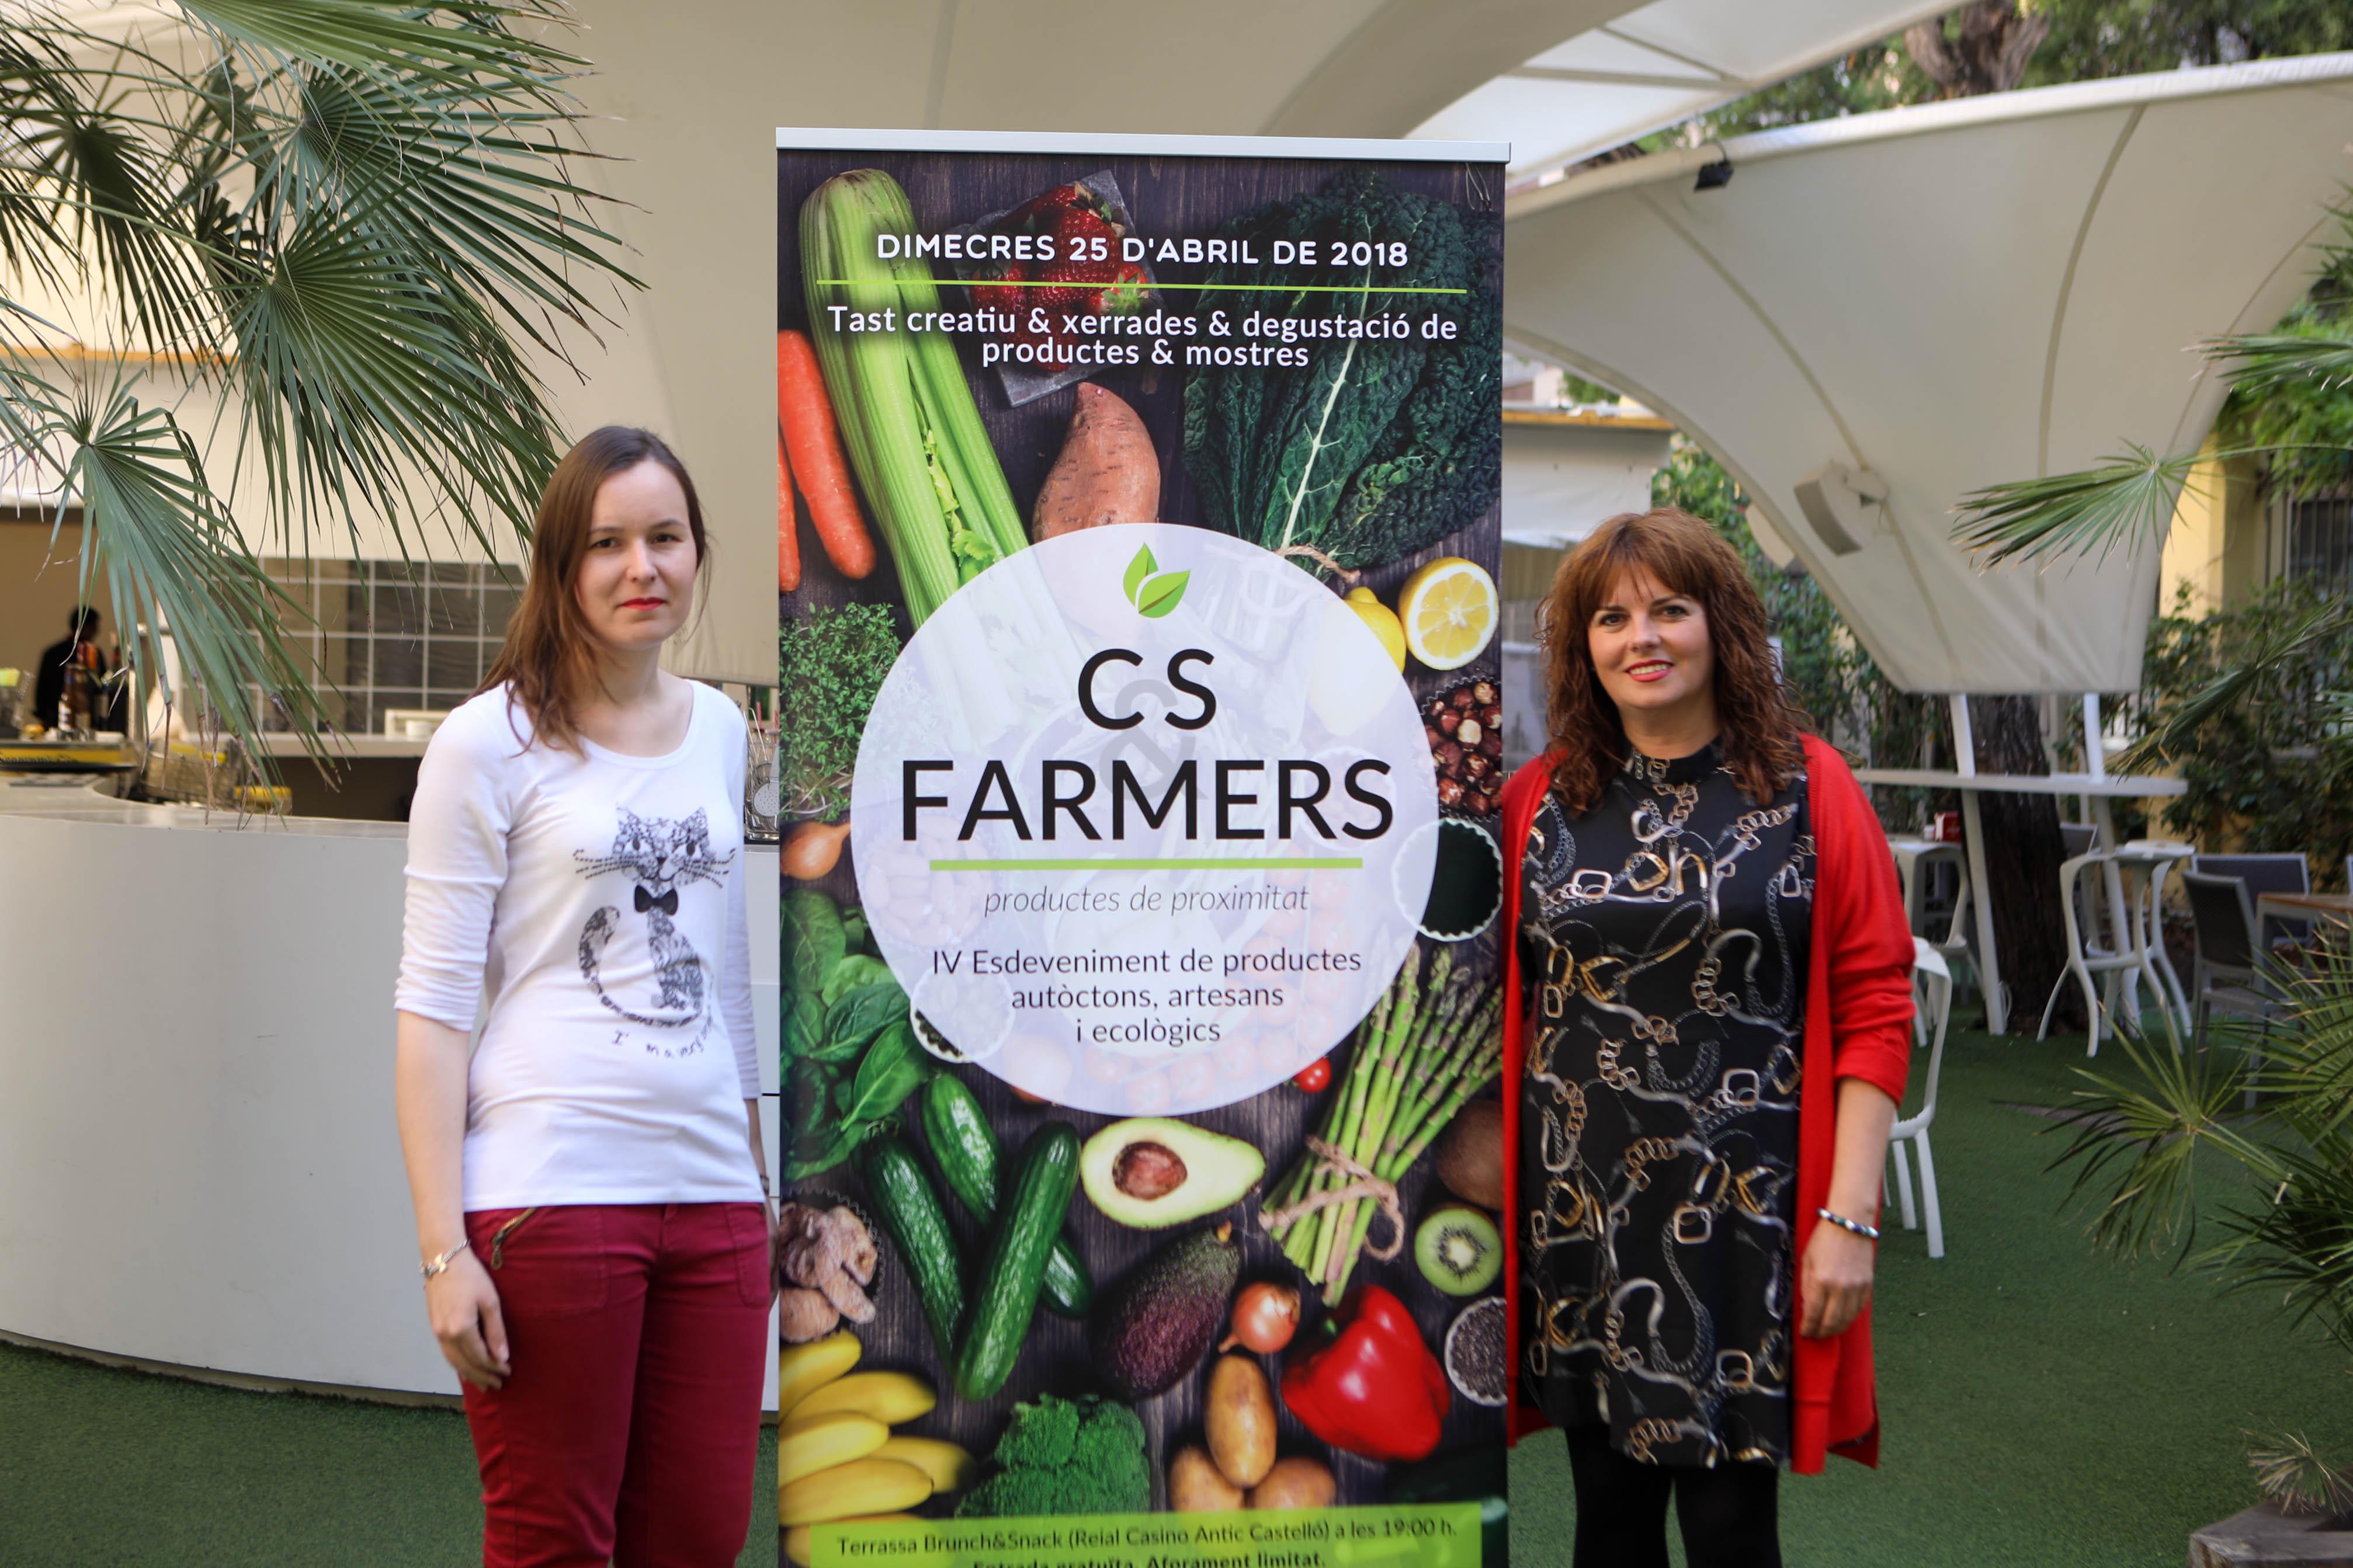 Consumo pone en marcha la cuarta edición de 'CS&Farmers', una cita que reúne productos de calidad, artesanos locales y consumidores